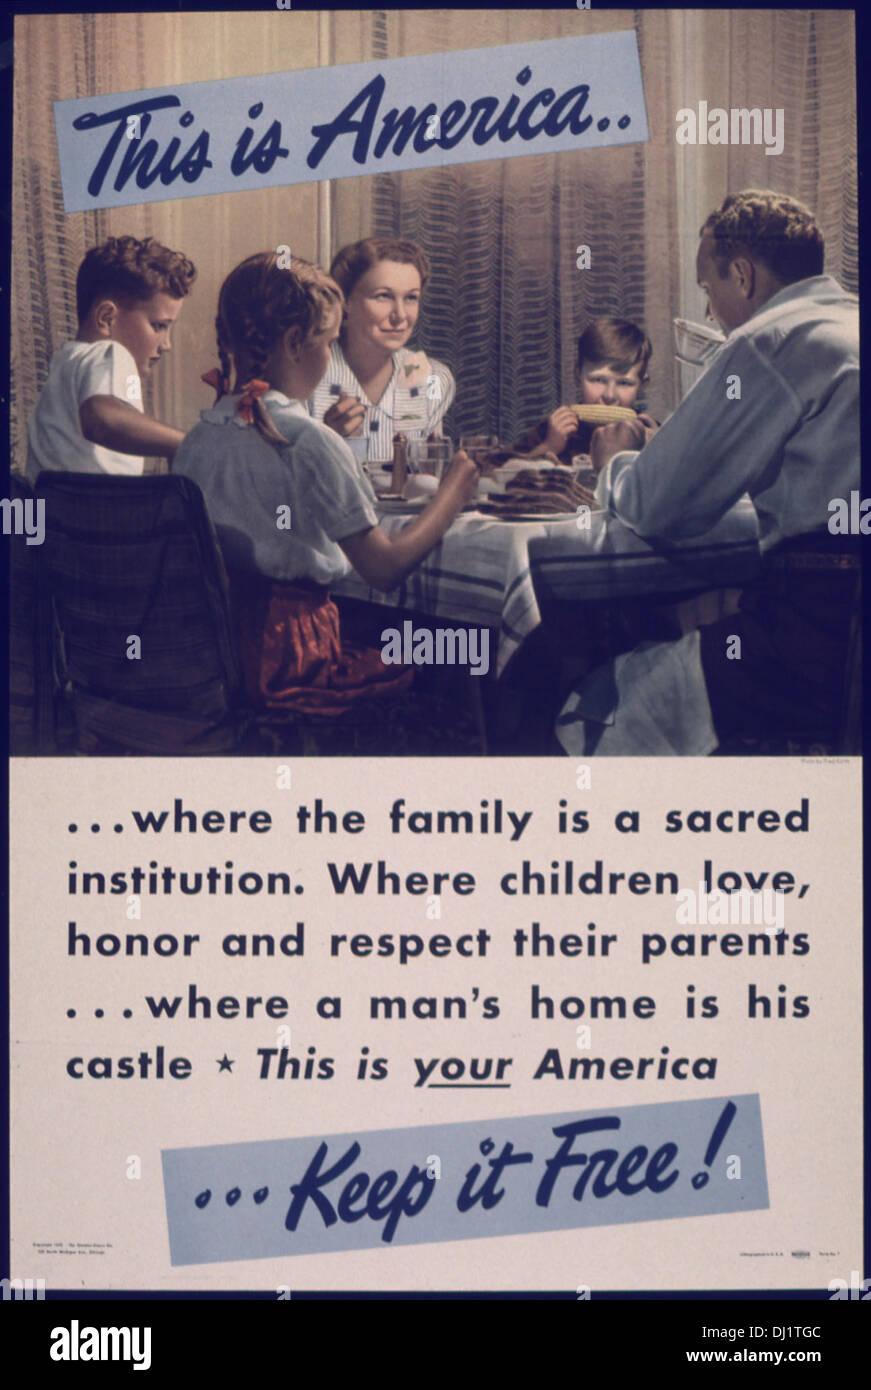 Esto es América... Donde la familia es una institución sagrada 766 Imagen De Stock